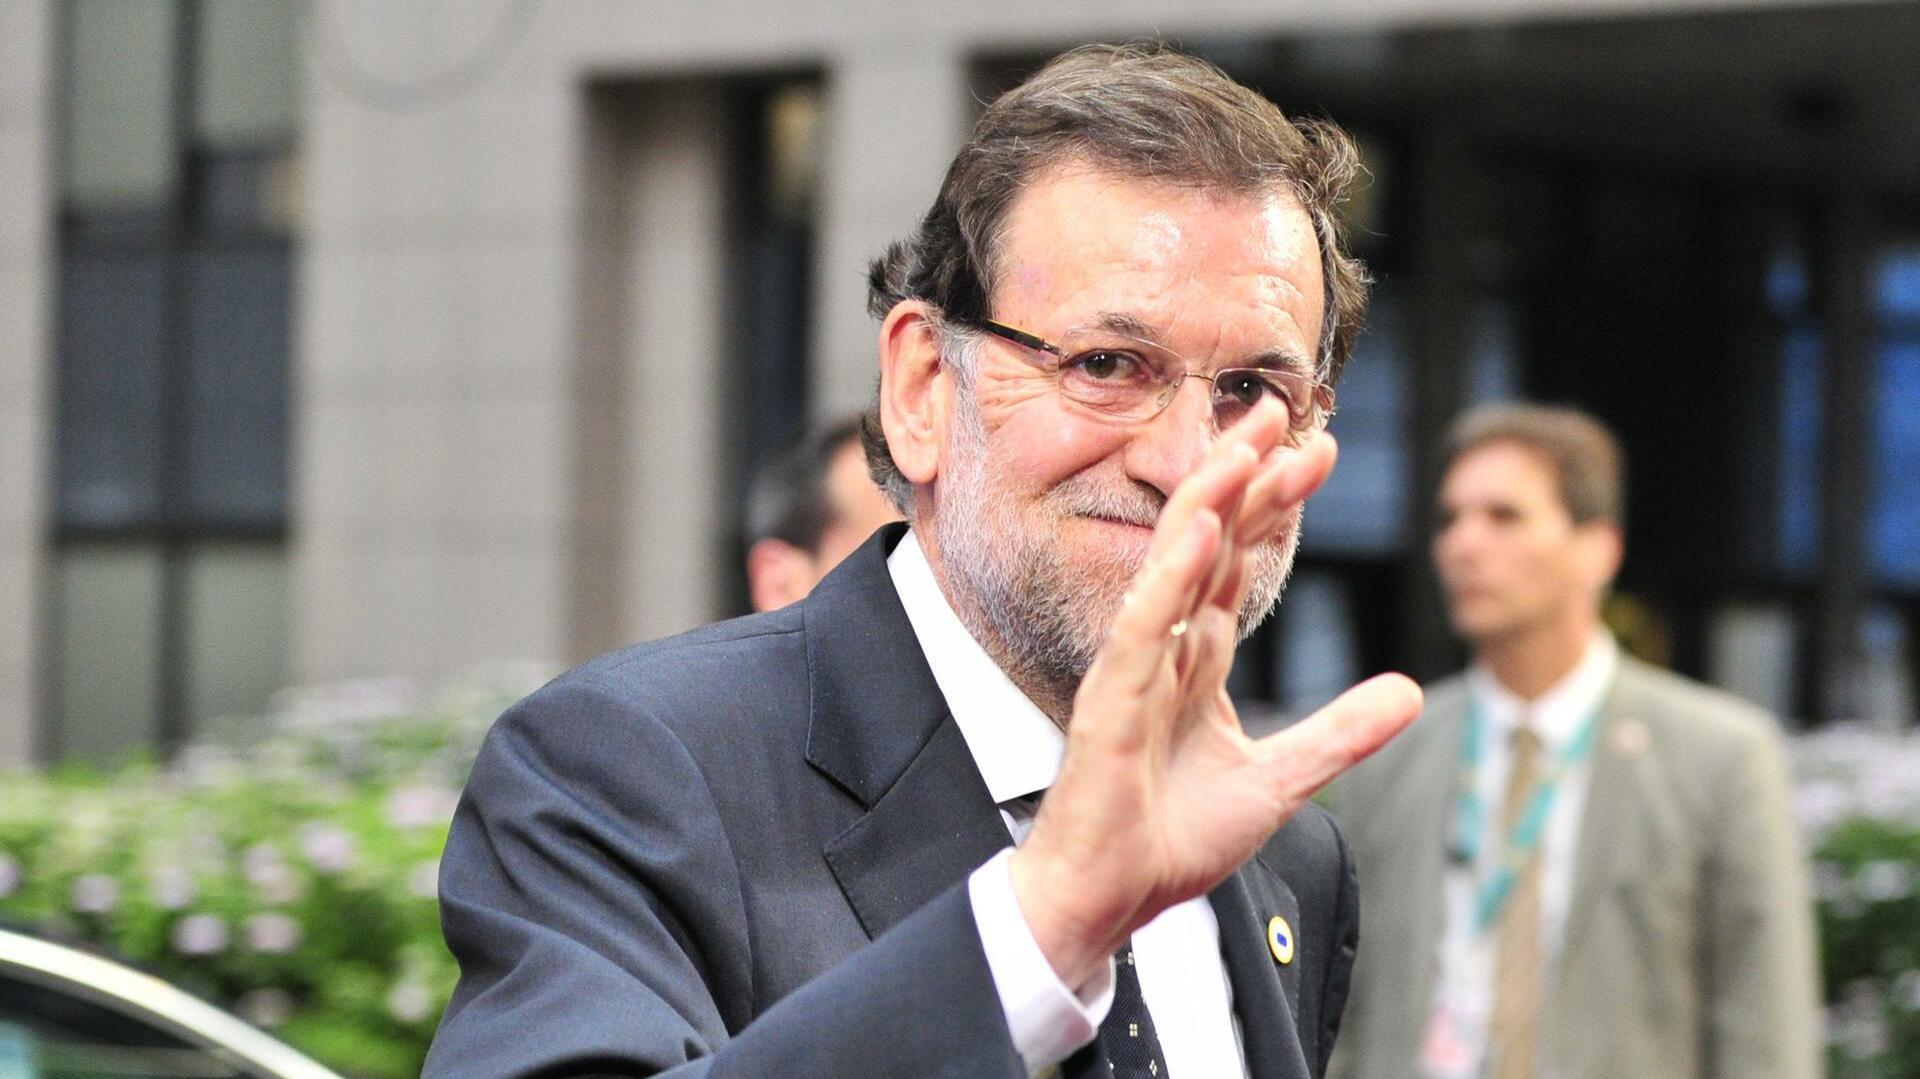 Konjunkturprogramm: Spanische Regierung will Milliarden investieren